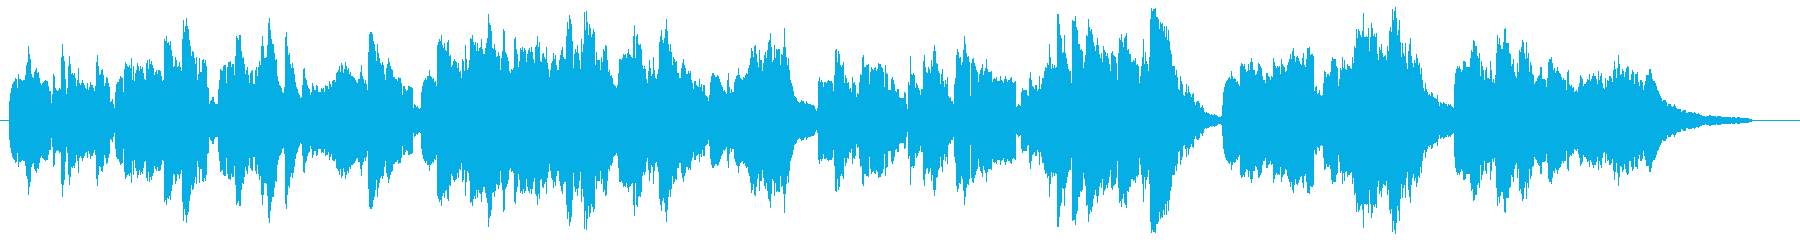 心温まる感動シーン向けピアノ・ケルトの笛の再生済みの波形